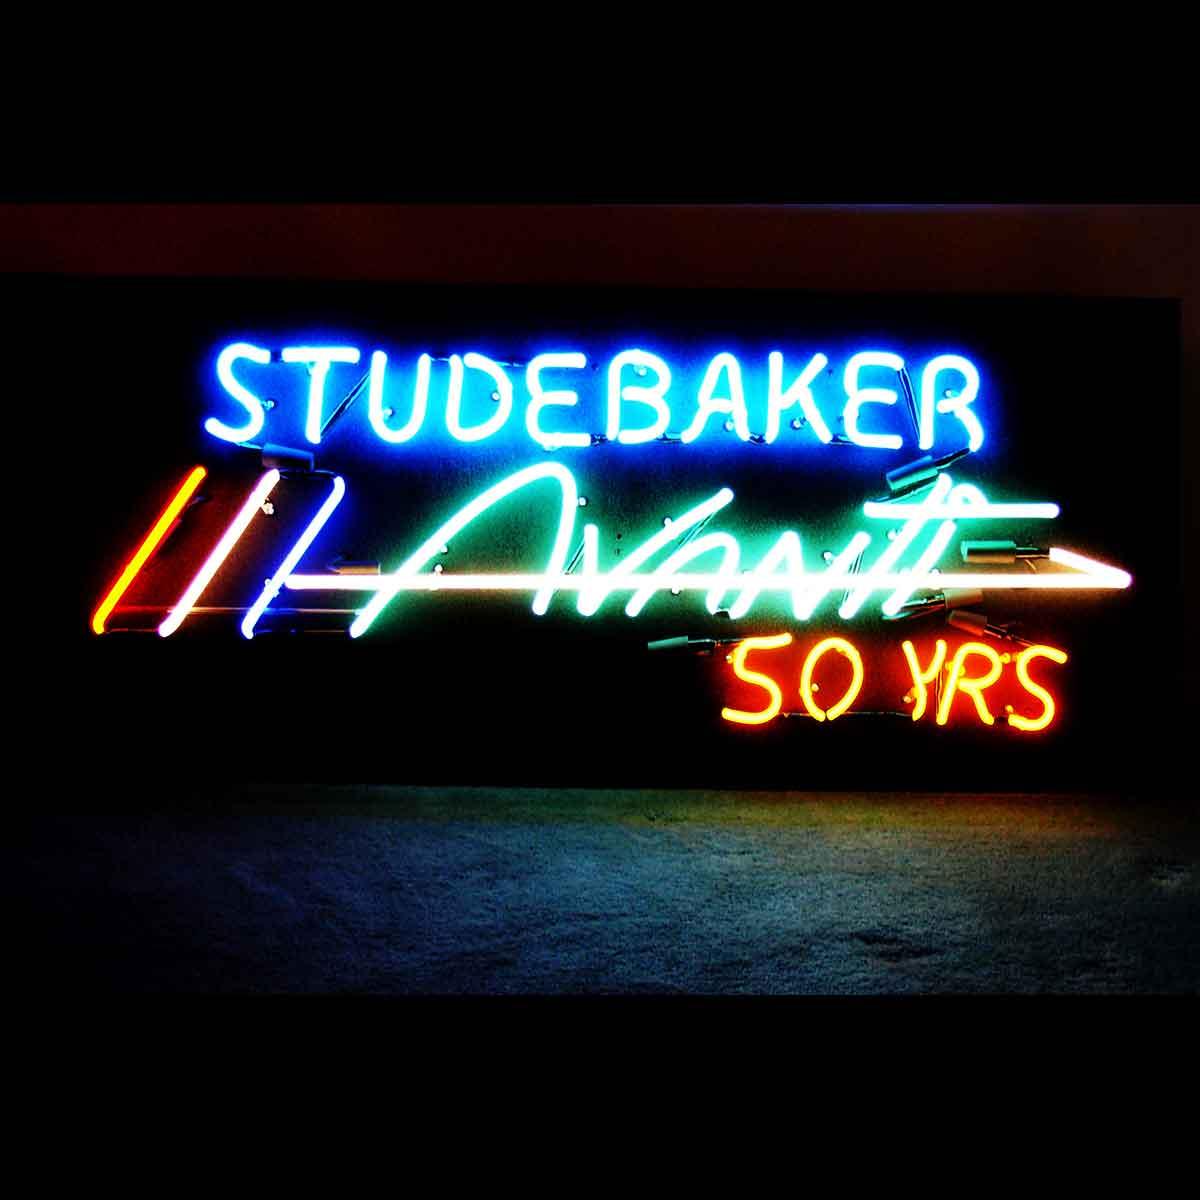 Studebaker-Avanti-1200x1200.jpg